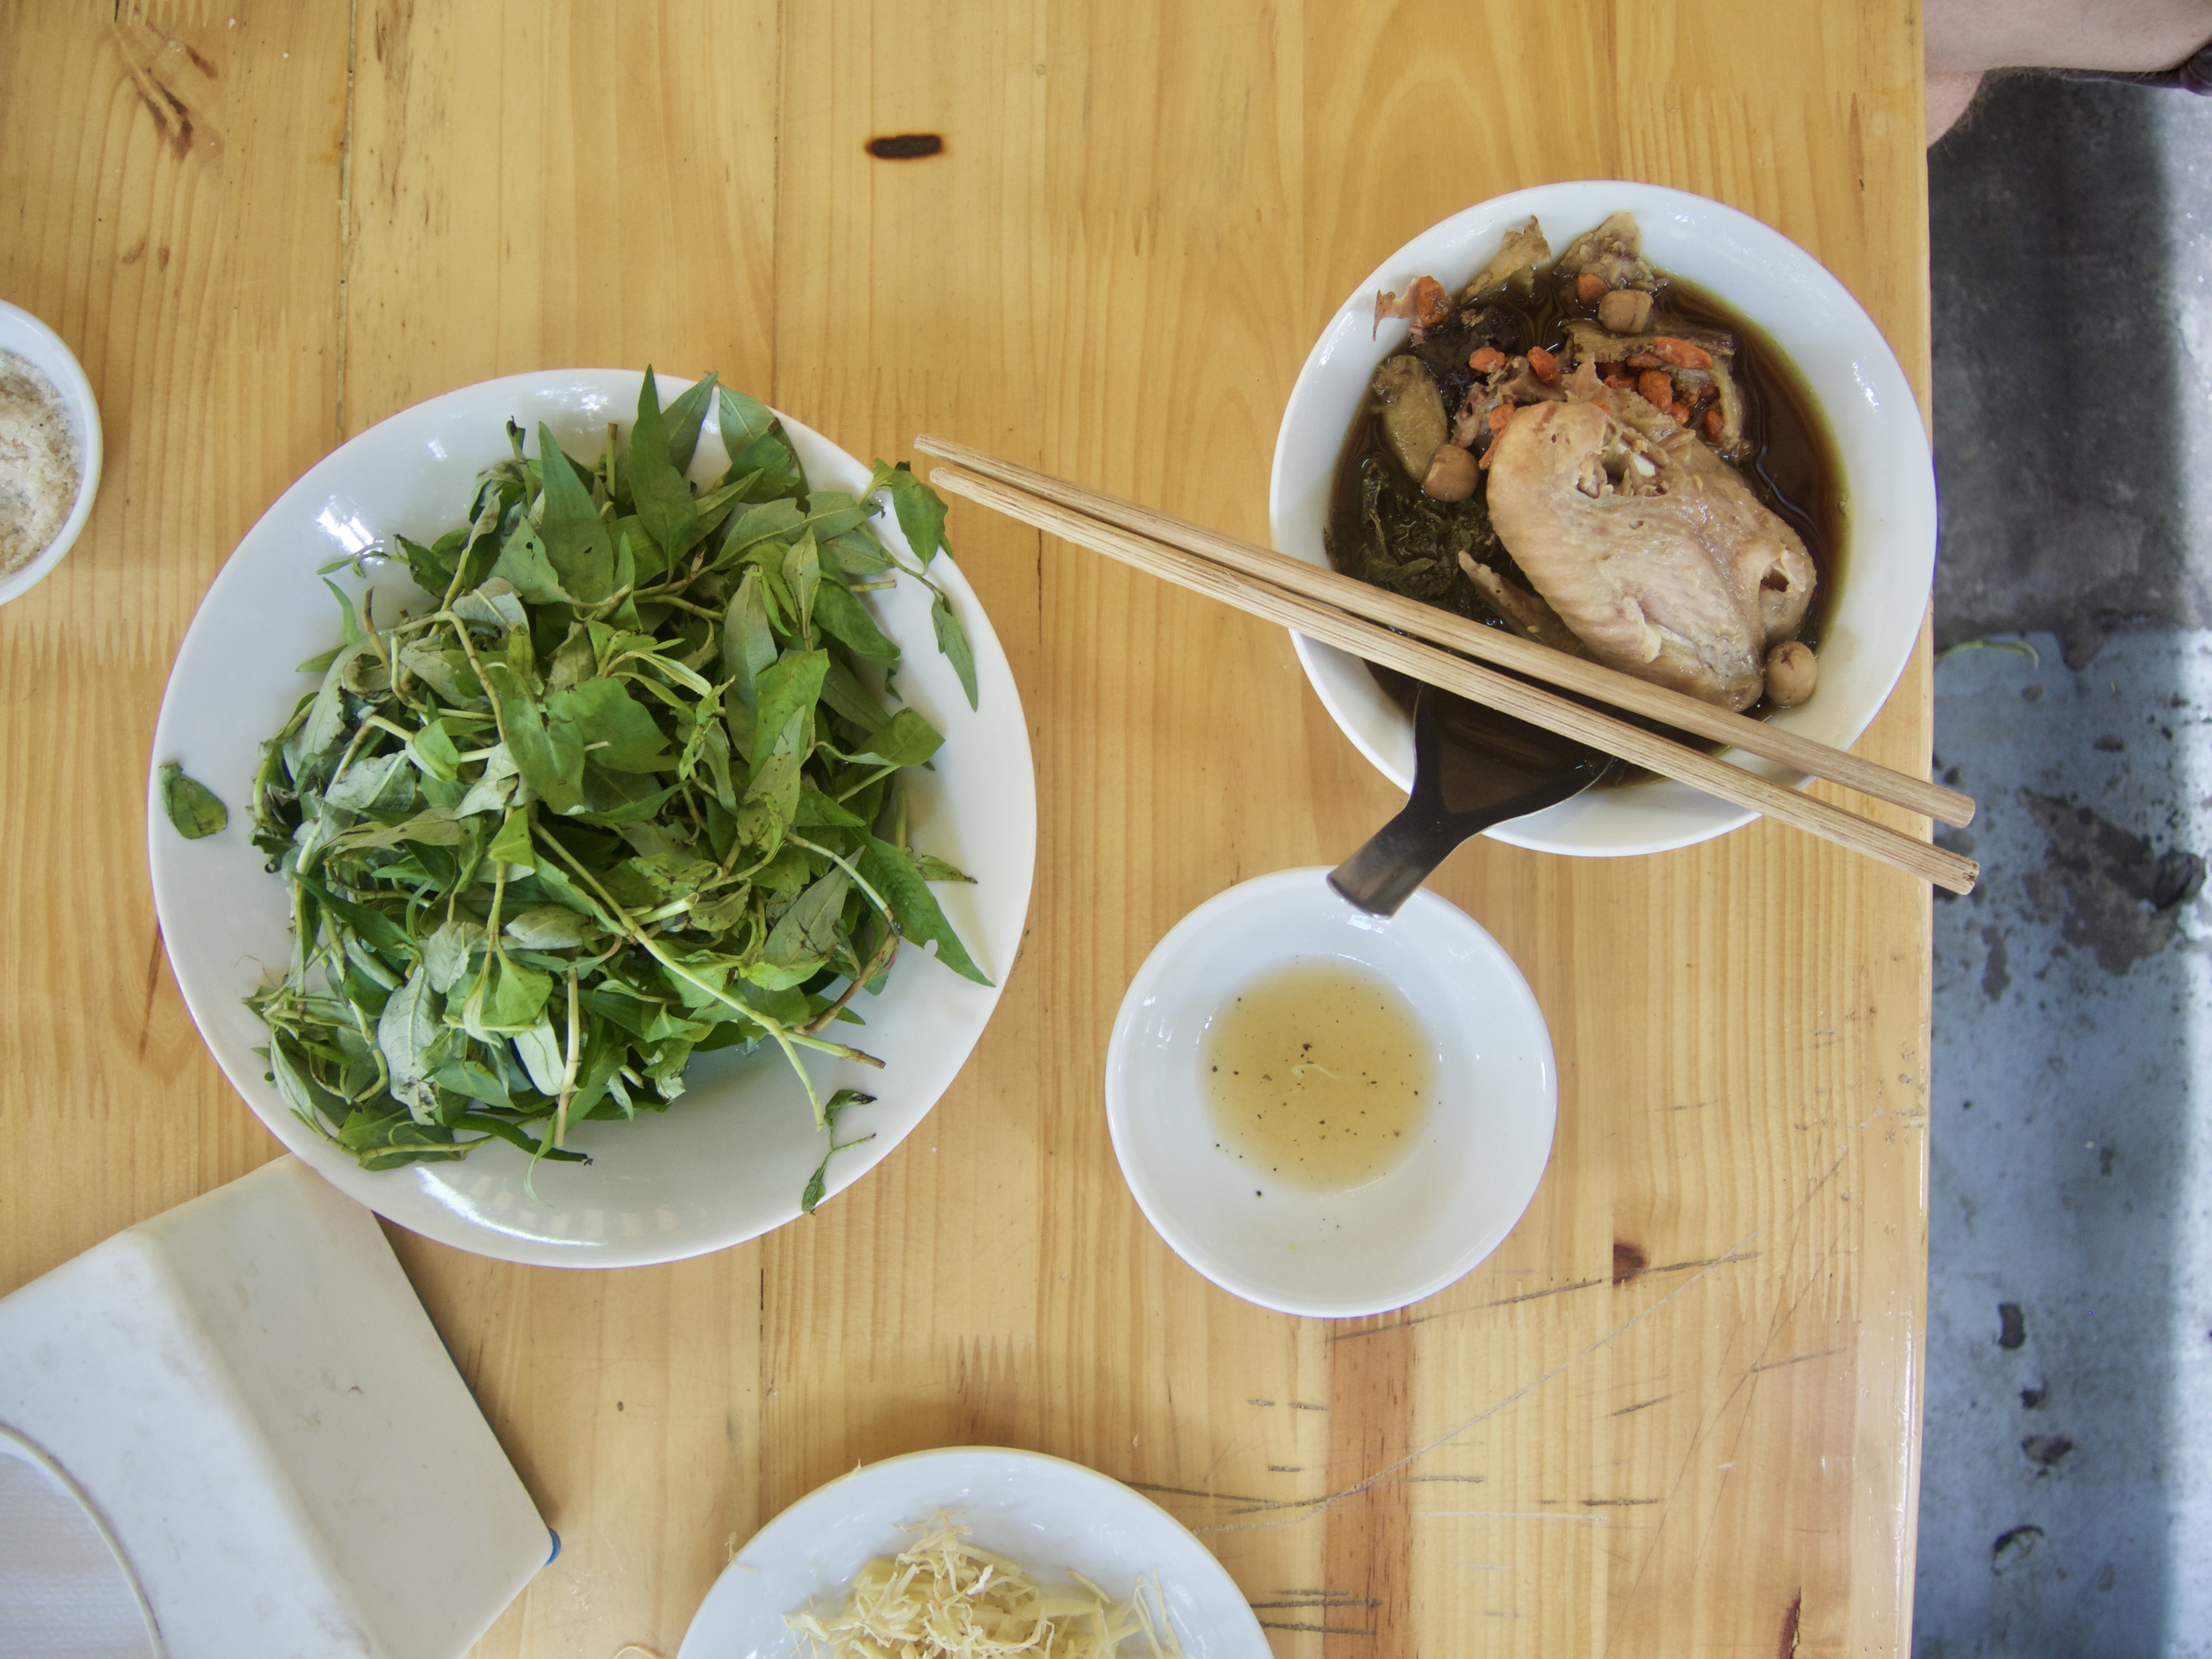 Hühnchen aus der Dose mit Gojibeeren und Lotussamen